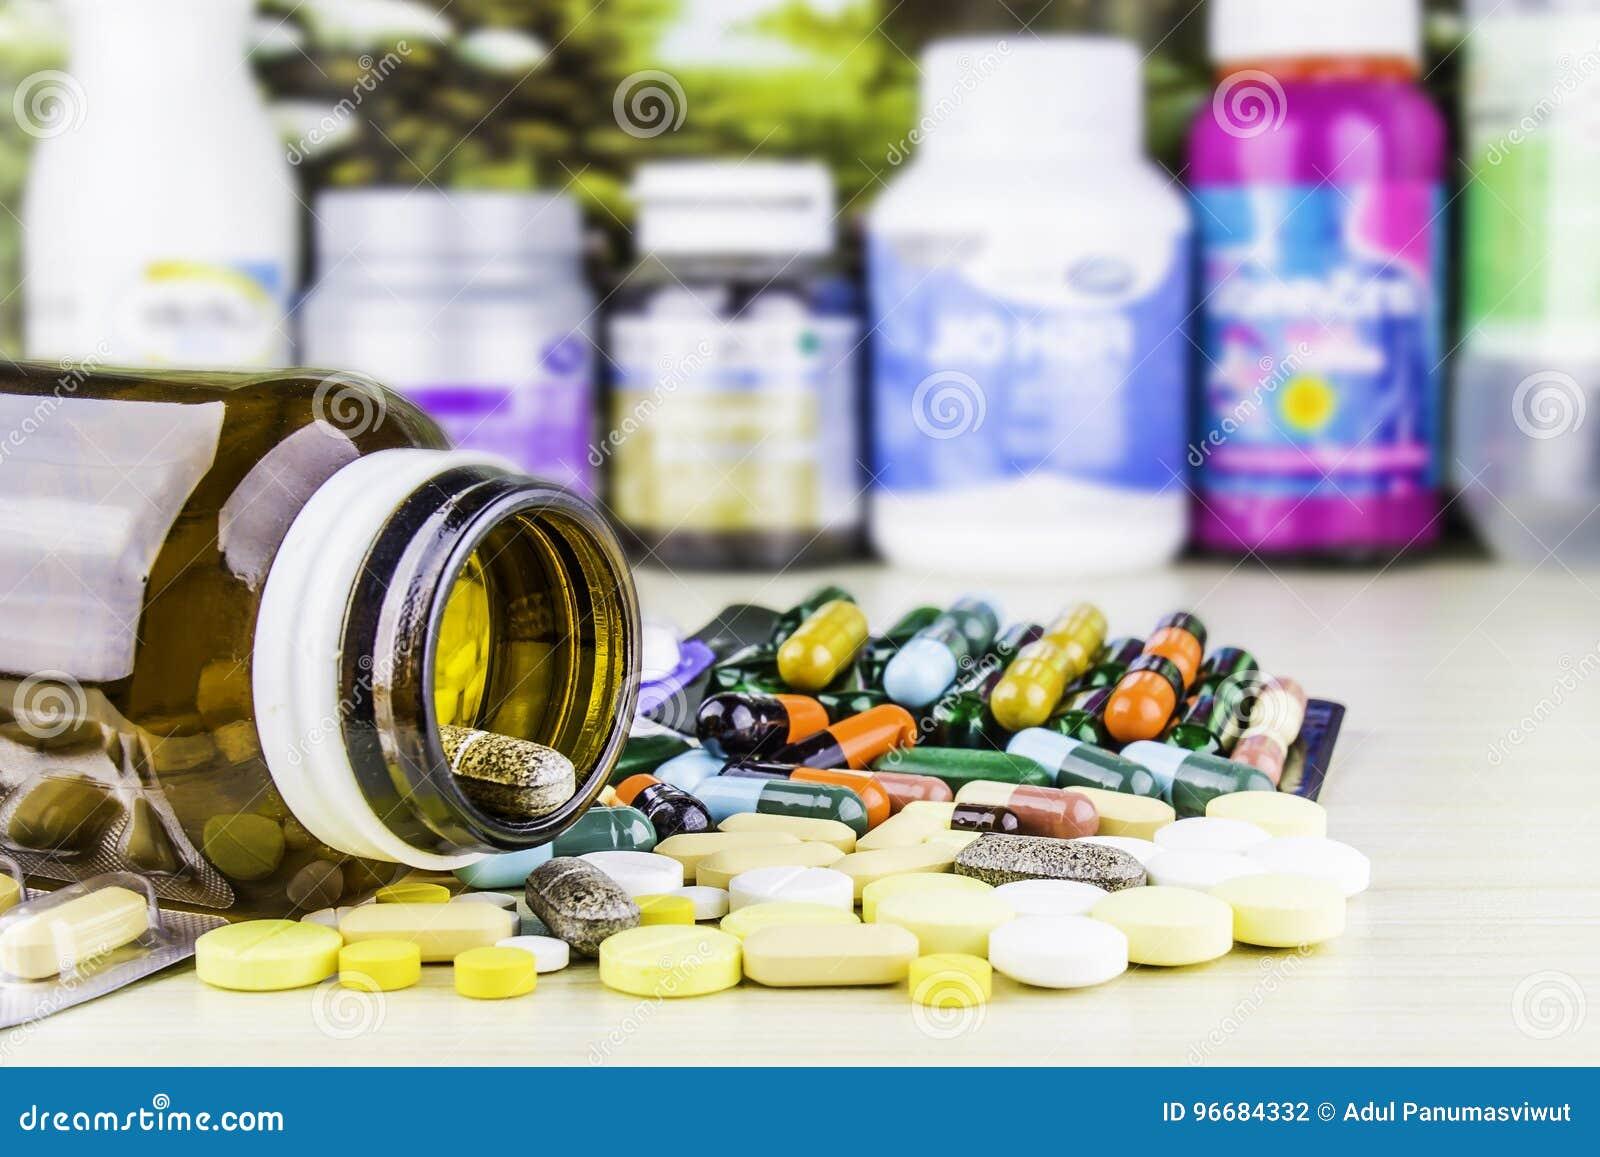 Медицина или капсулы Рецепт лекарства для лекарства обработки Фармацевтический medicament, лечение в контейнере для здоровья Phar